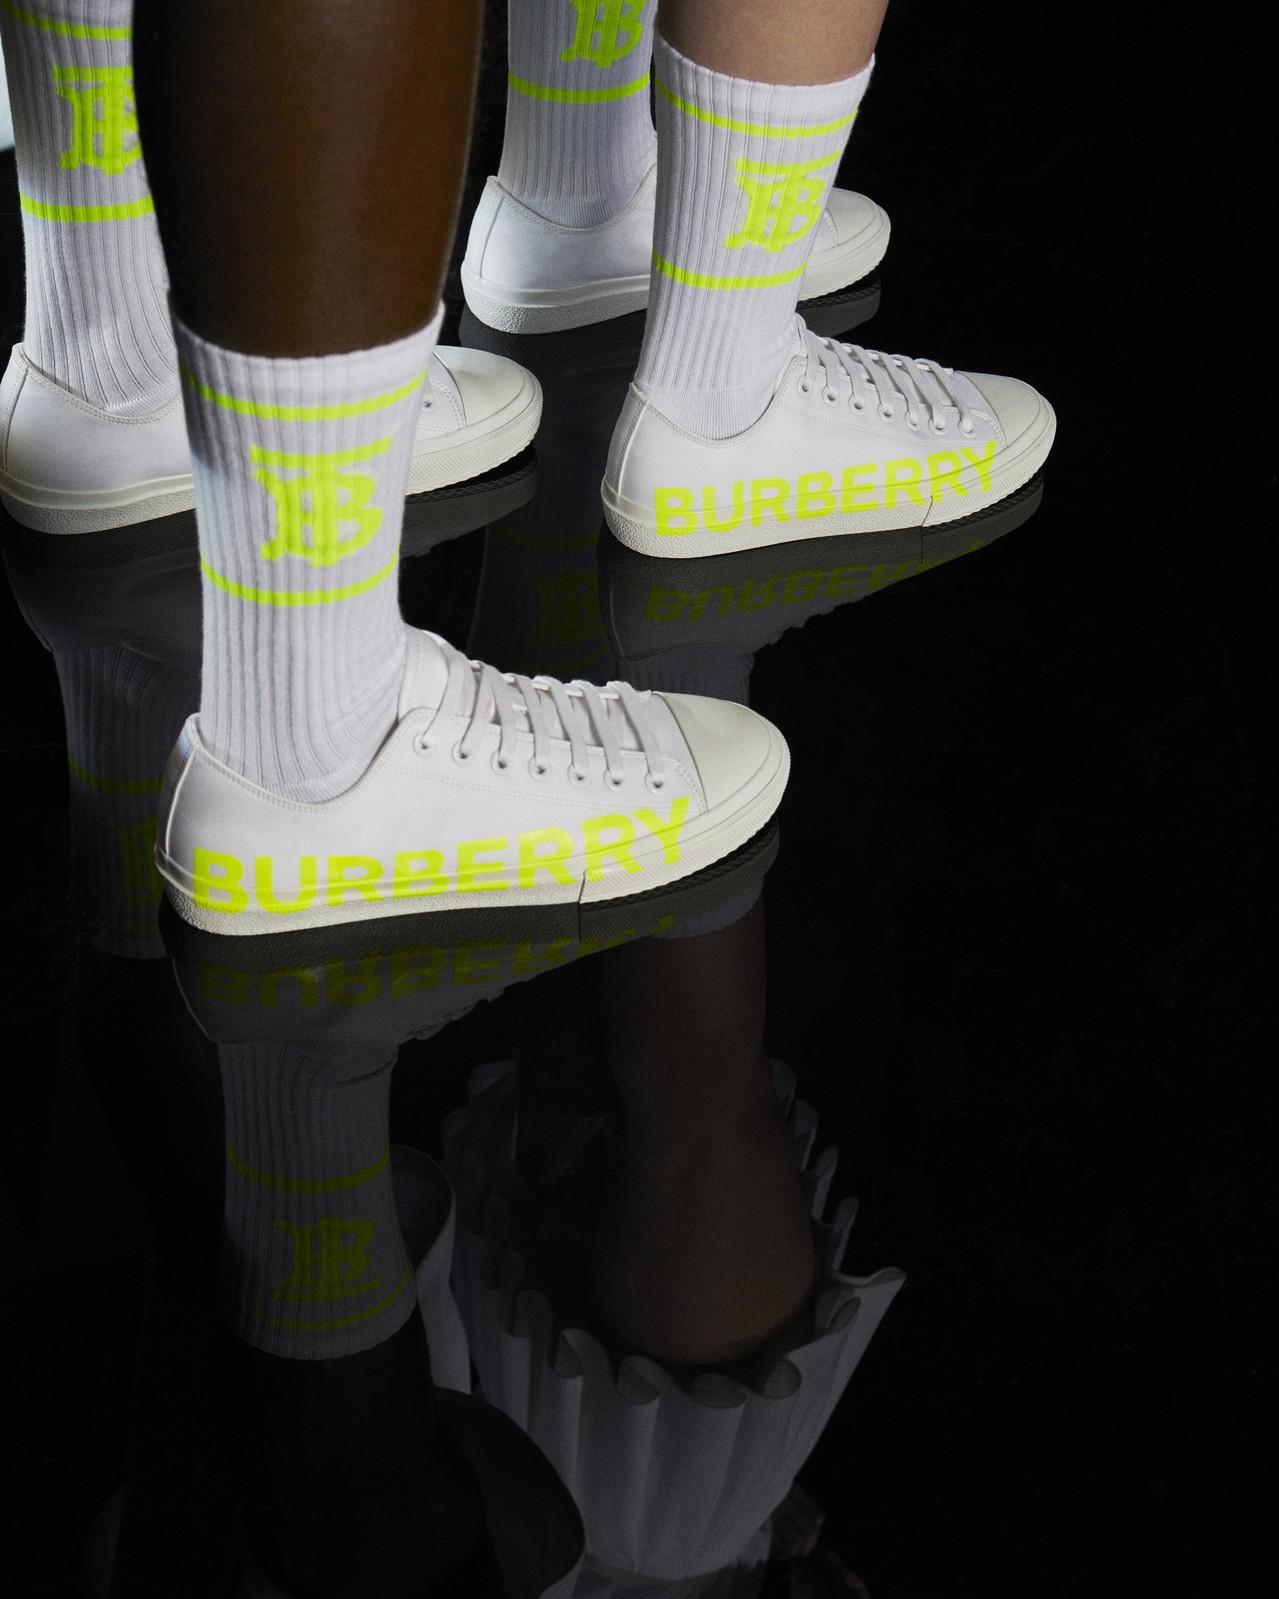 6月份B Series包含BURBERRY字樣白色休閒鞋與TB Logo運動襪。...